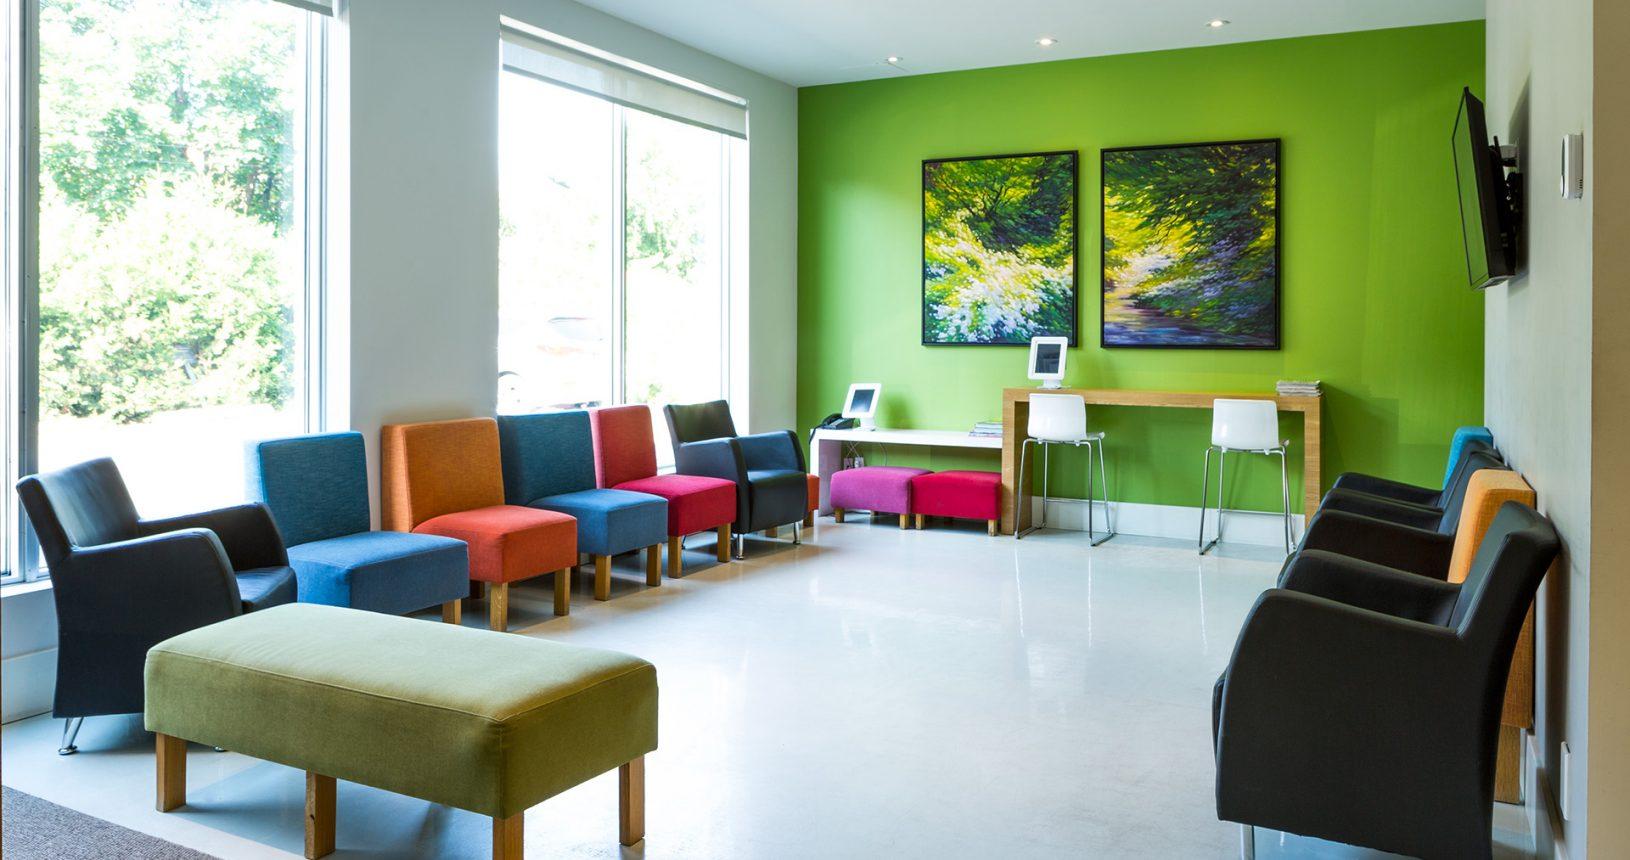 Salle d'attente clinique dentaire